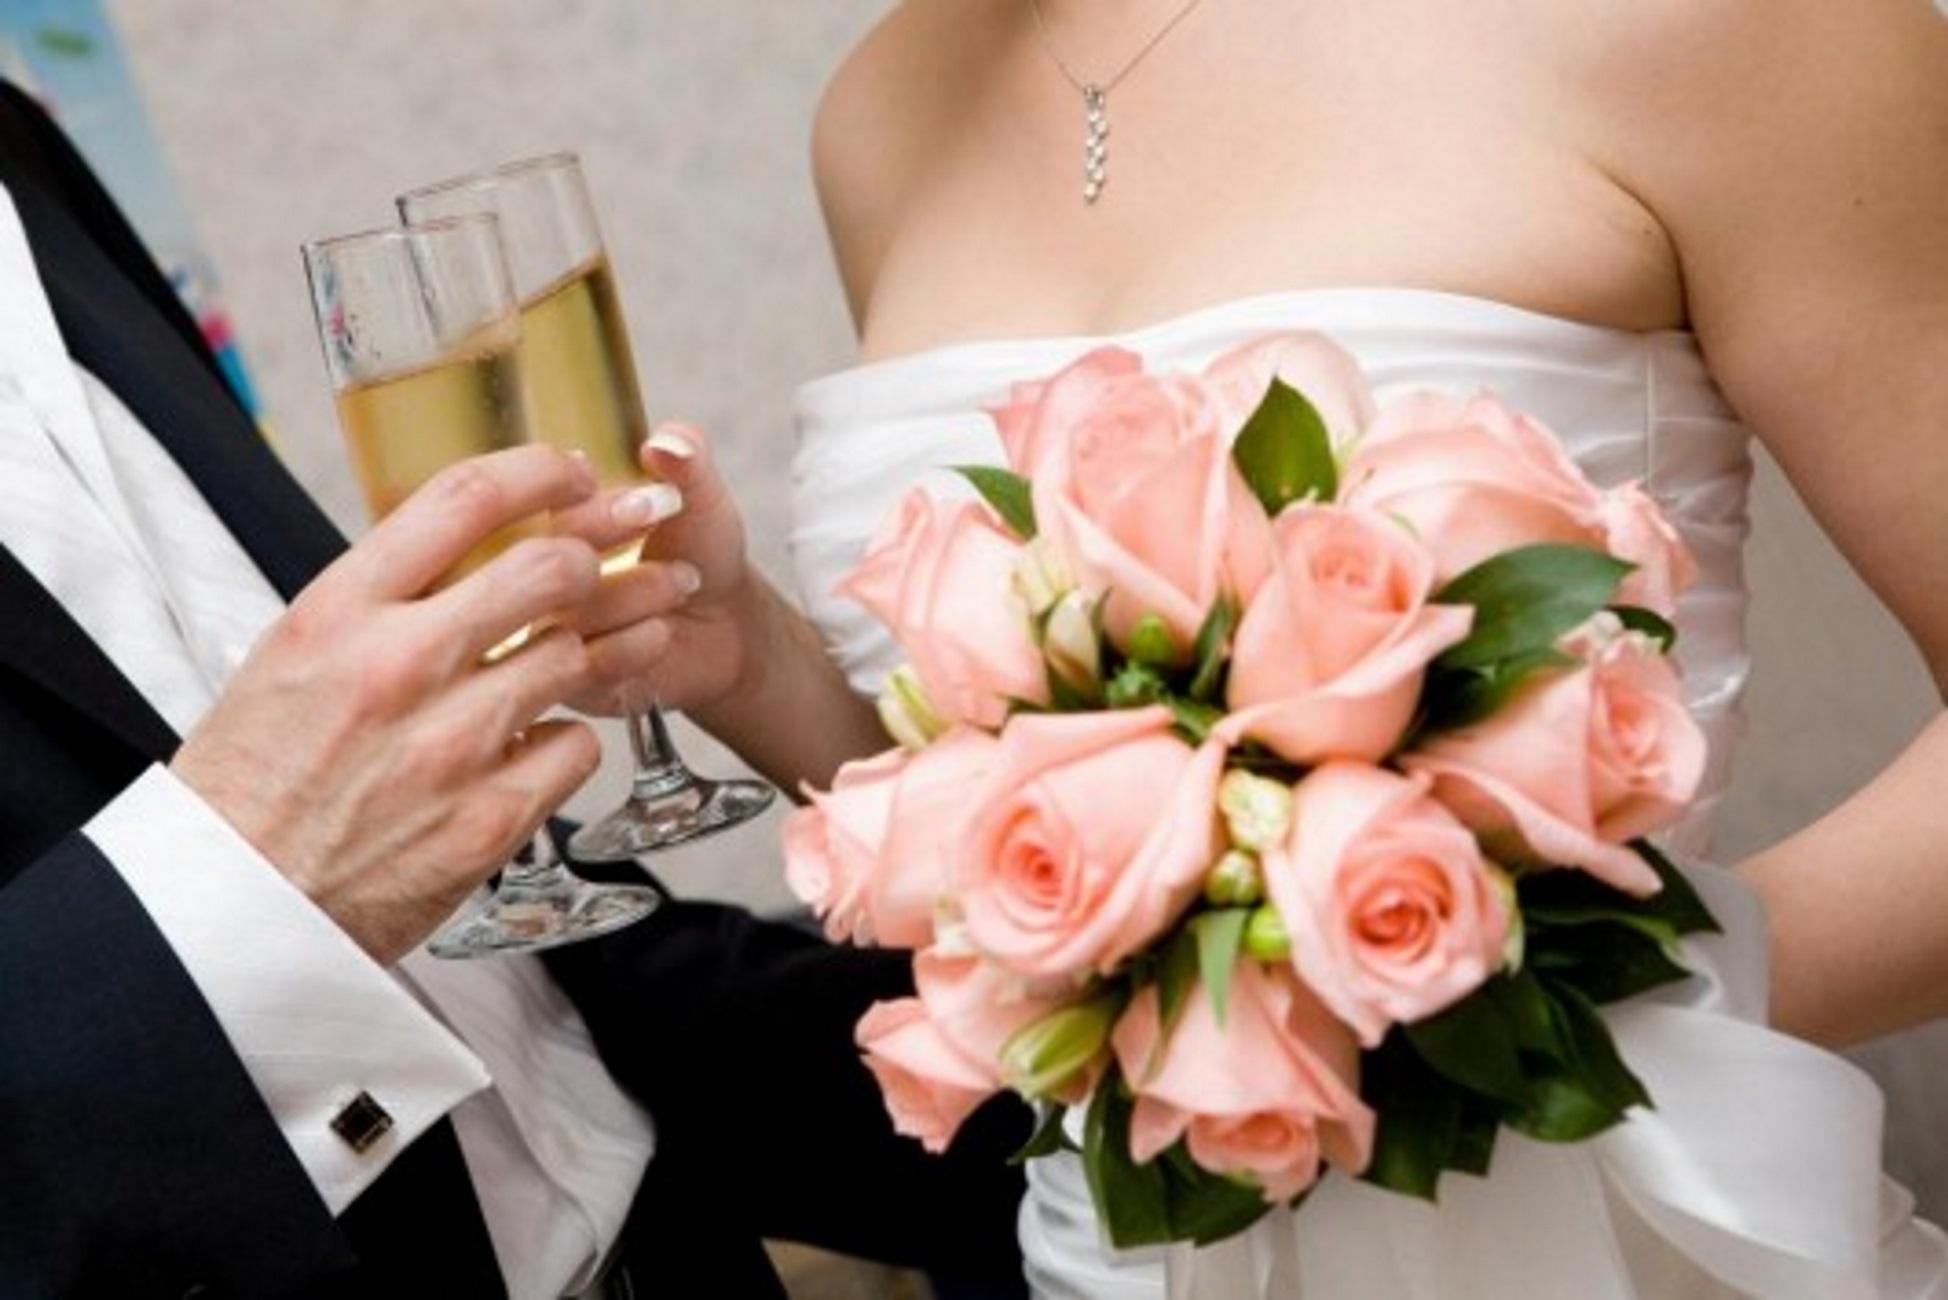 """Βόλος: Η απόφαση να δώσει δεύτερη ευκαιρία στο γάμο αποδείχθηκε λάθος – """"Η συγχώρεση έκανε τα πράγματα χειρότερα""""!"""